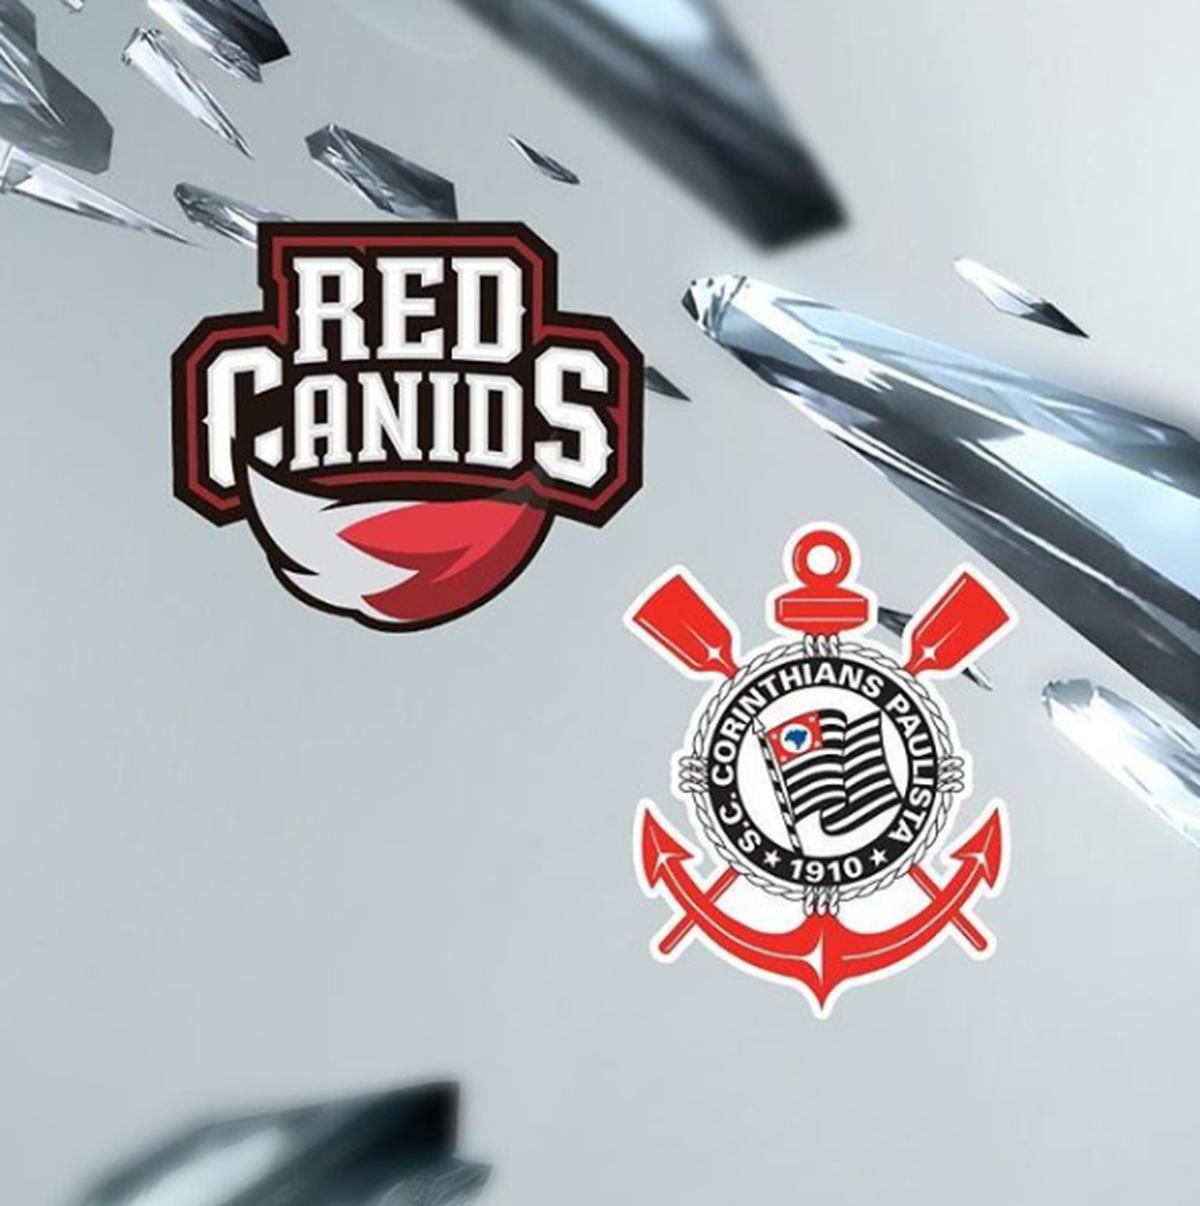 RED Canids e Corinthians  entenda o fim da parceria  ec0f09db9b040